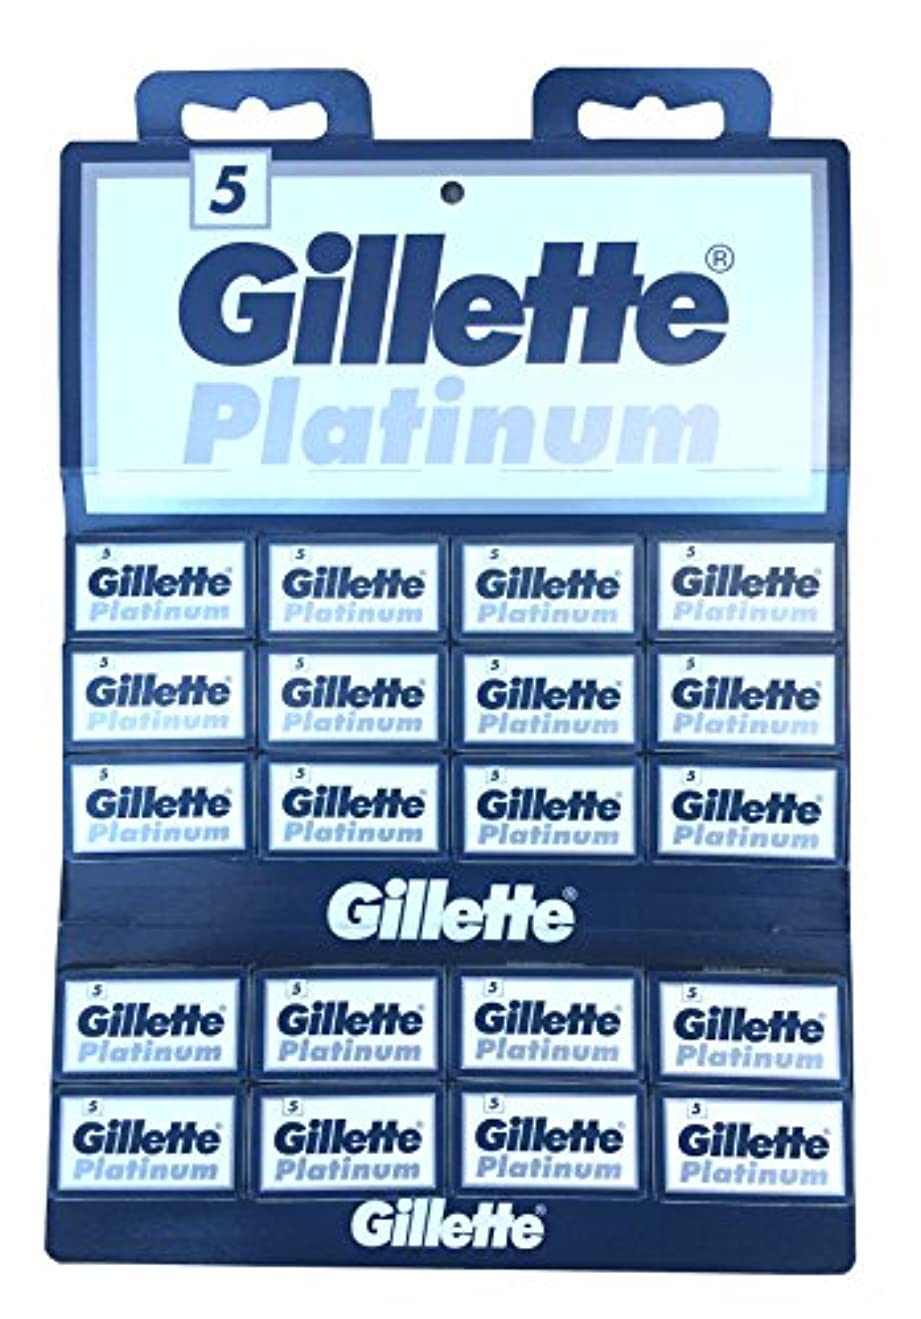 規模価格塗抹Gillette Platinum 両刃替刃 100枚入り(5枚入り20 個セット)【並行輸入品】